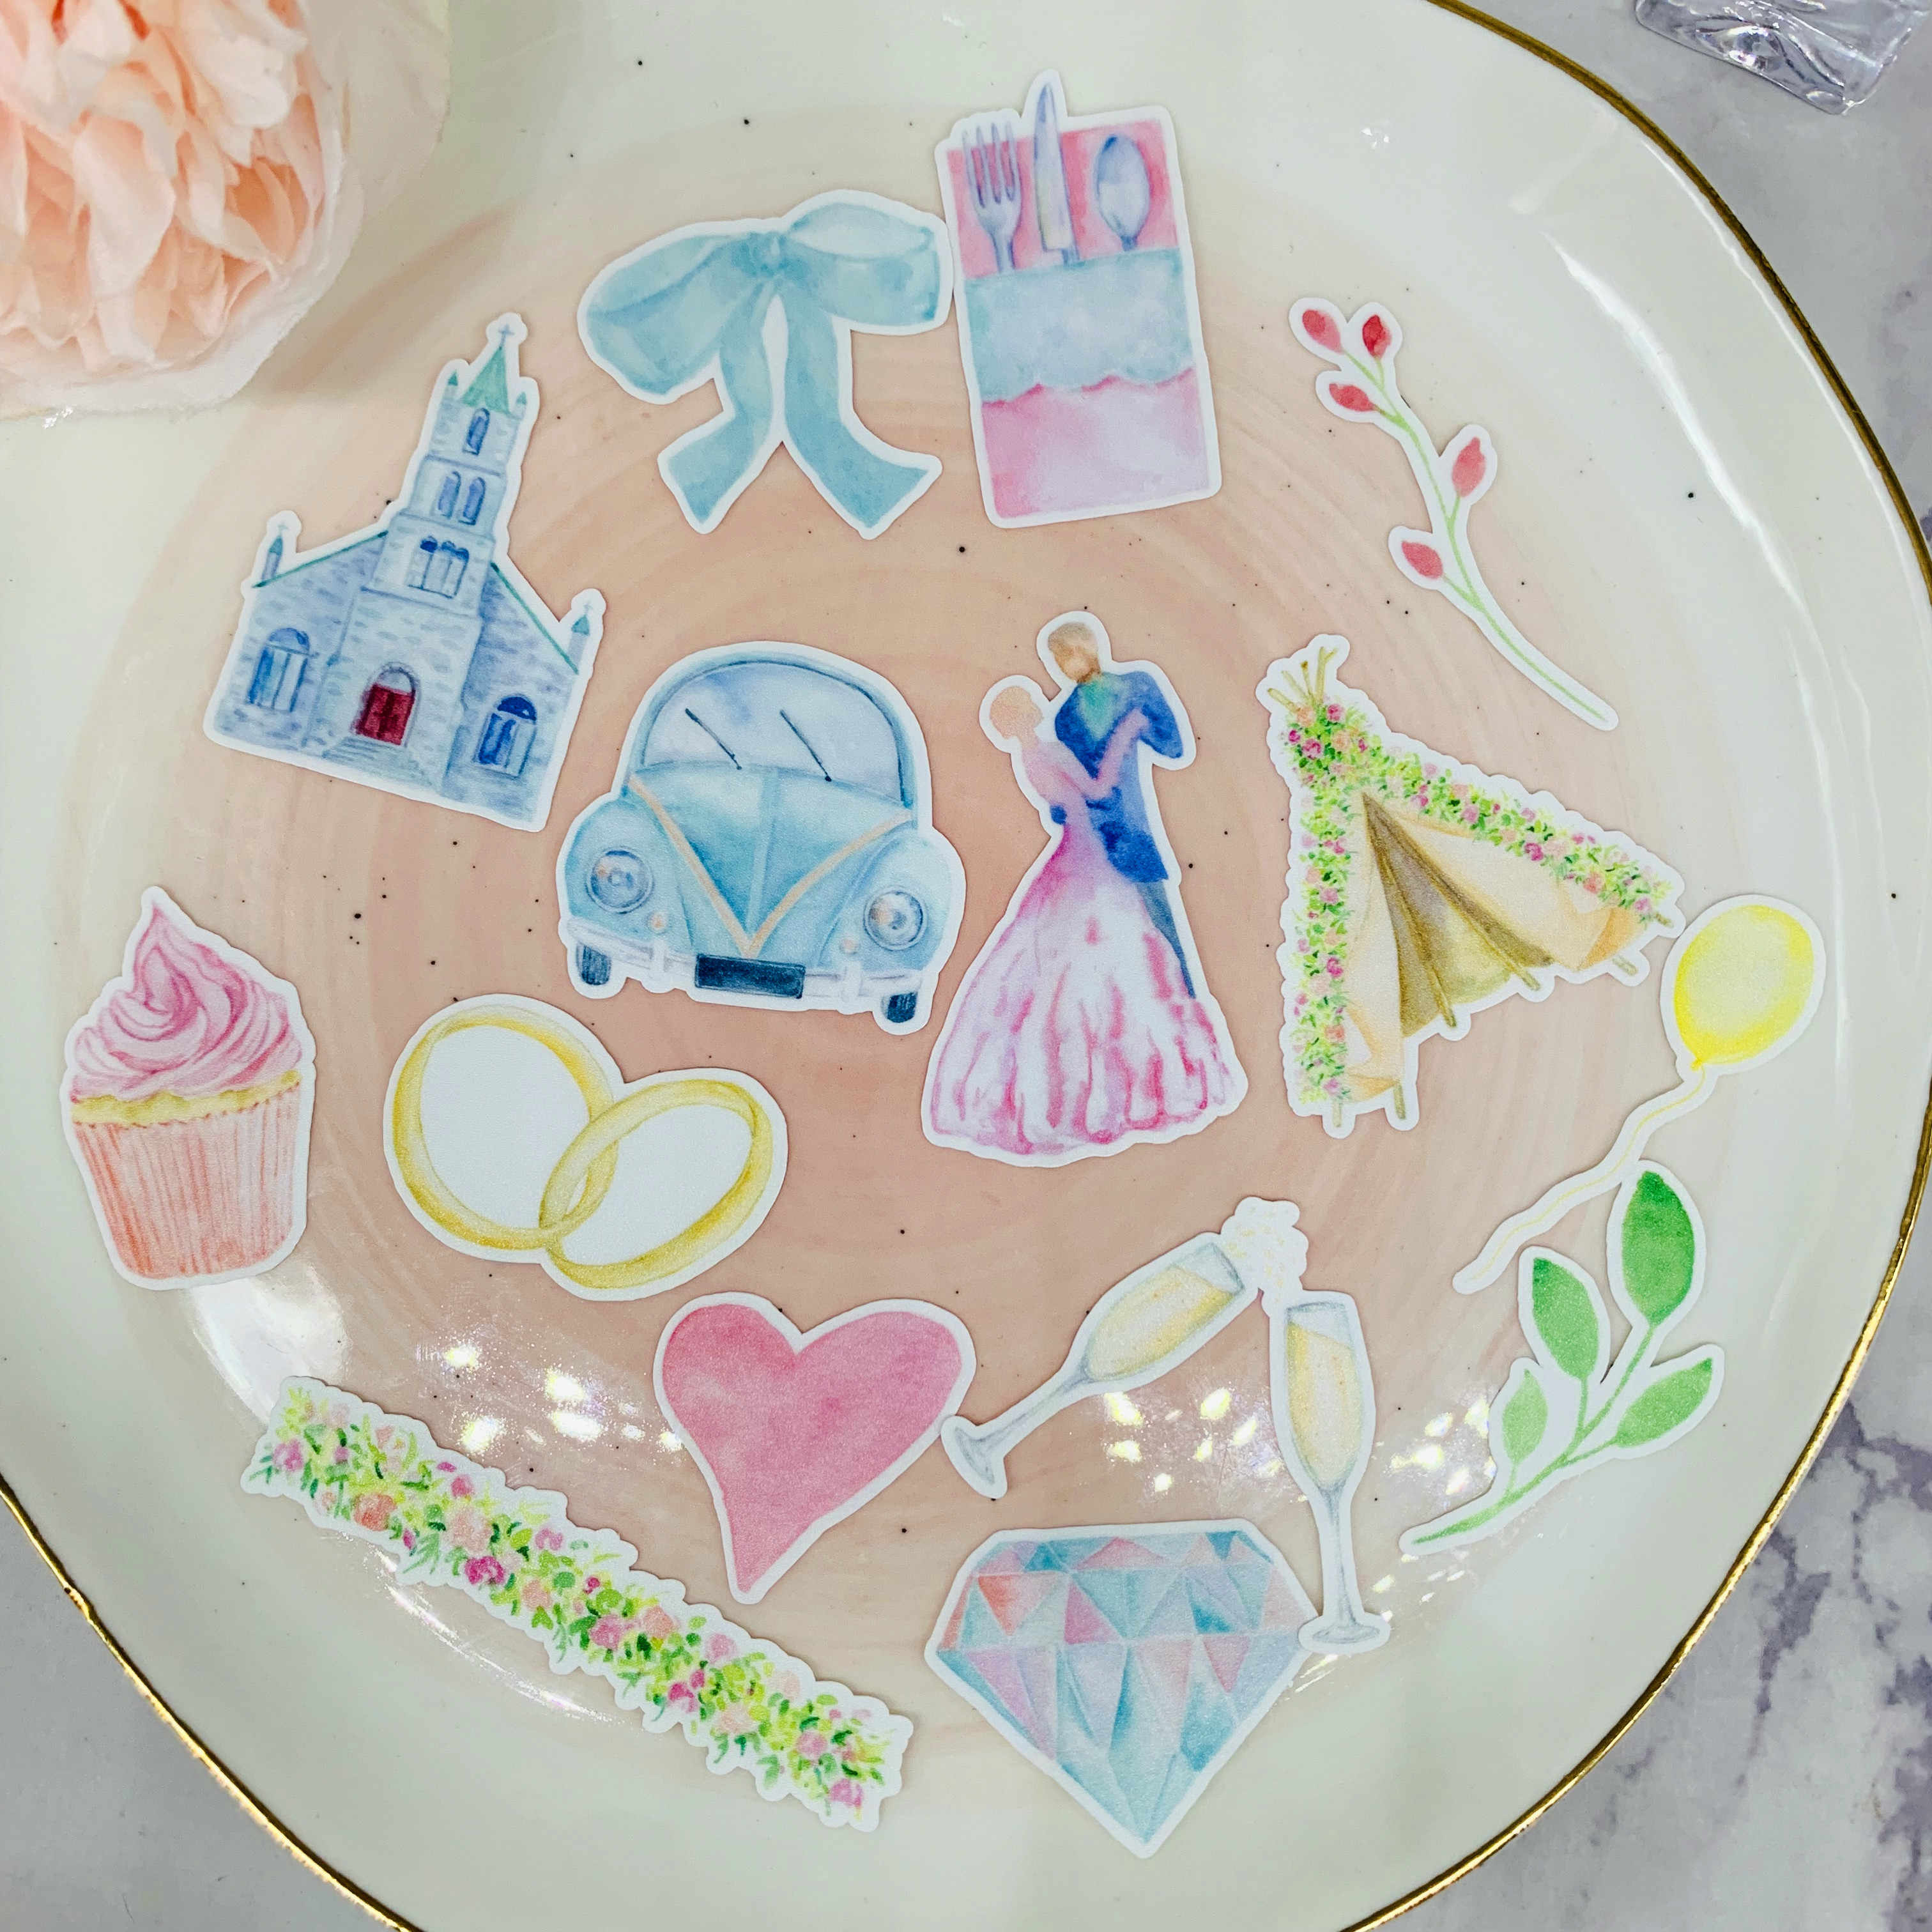 34 Buah Wedding Cake, Gereja Mobil Scrapbooking Stiker Buku Mahasiswa Label Dekoratif Stiker DIY Alat Tulis